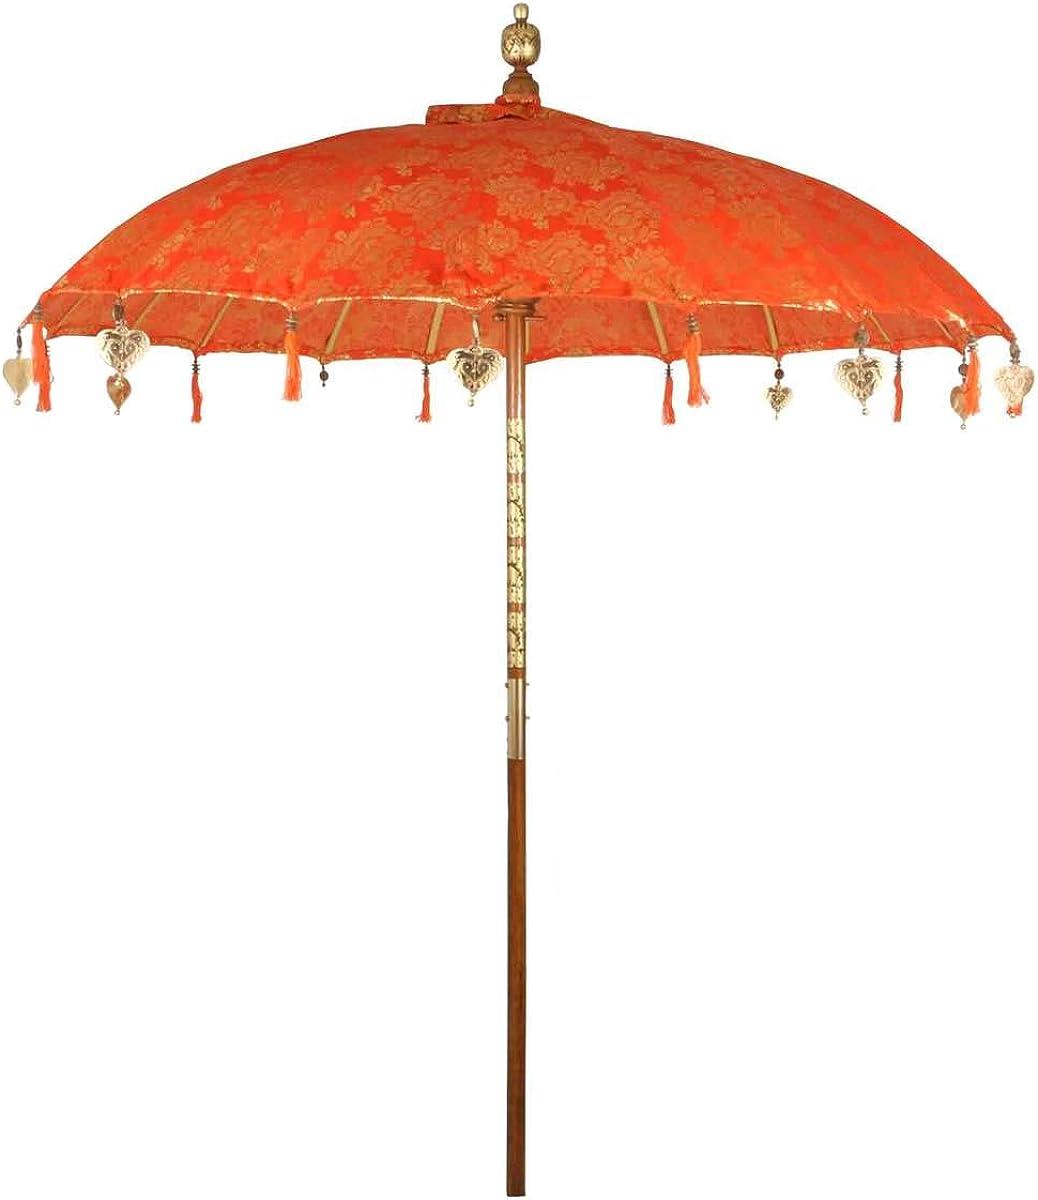 Sonnenschirm 112 Papierschirm Dekoschirm weiss Bambus Holz Bali Schirm